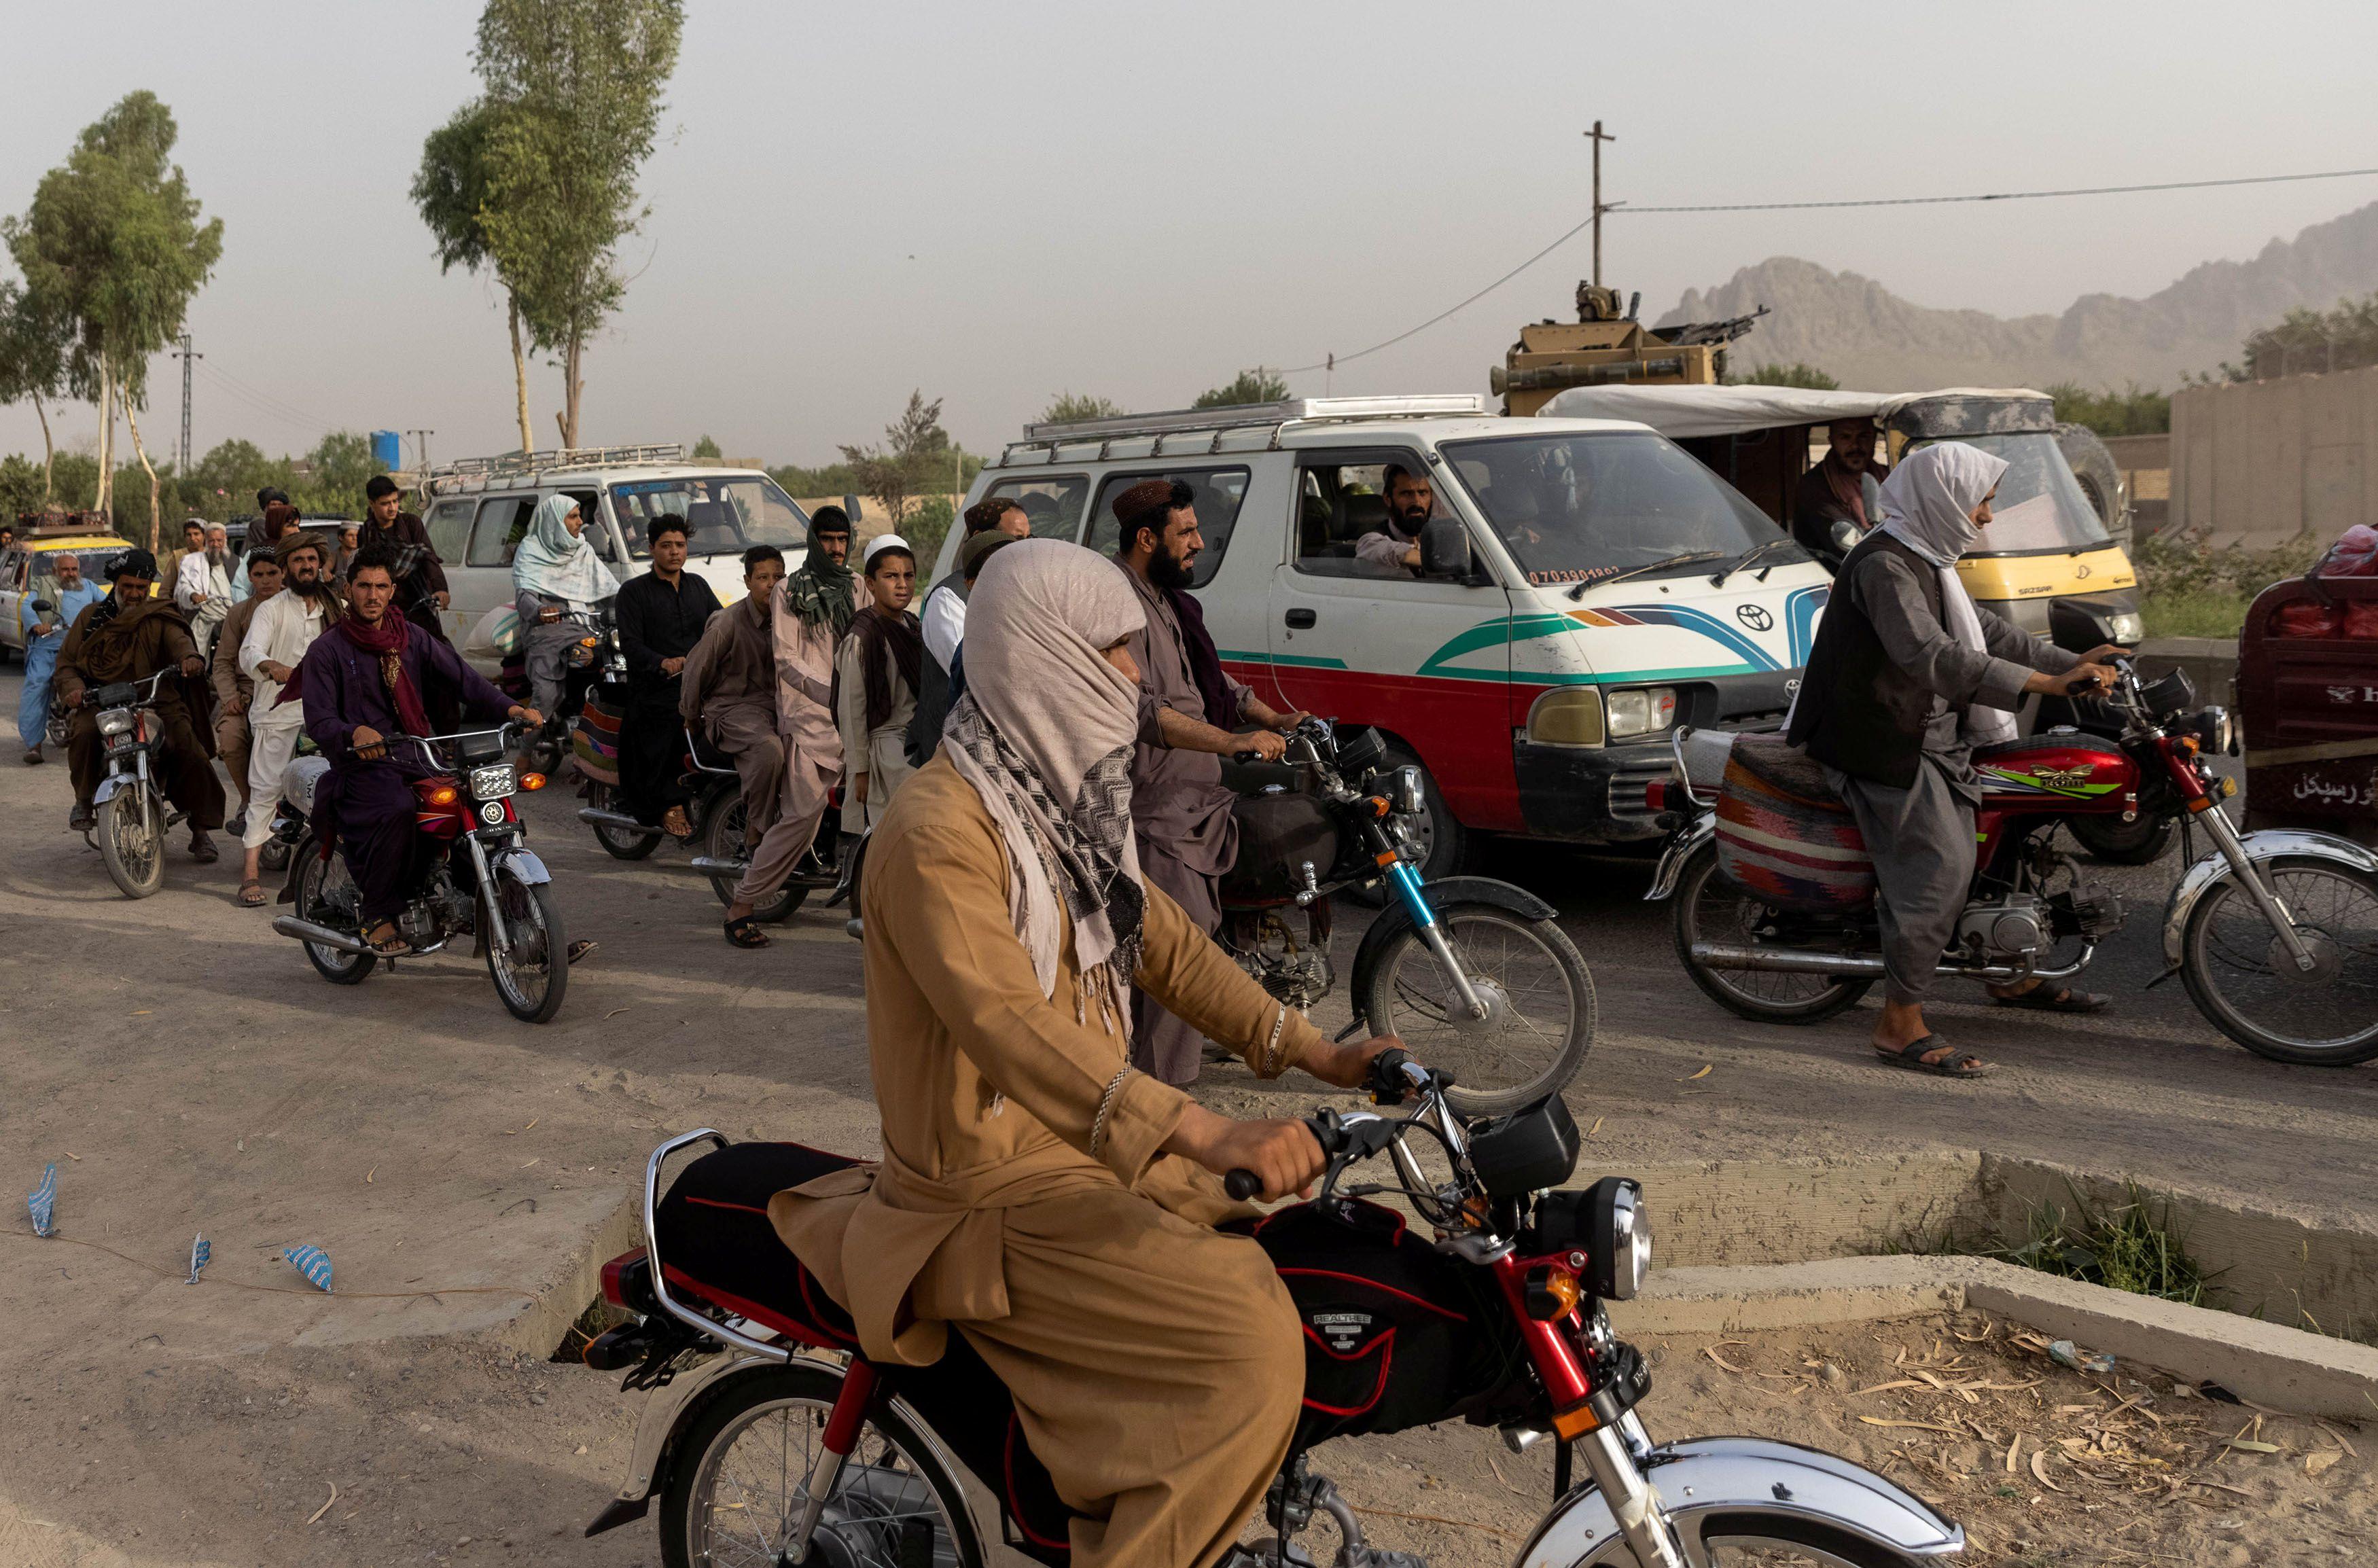 El tráfico se detiene mientras miembros de las fuerzas especiales afganas se reagrupan tras fuertes enfrentamientos con los talibanes durante la misión de rescate de un policía asediado en un puesto de control, en la provincia de Kandahar, Afganistán, el 13 de julio de 2021.